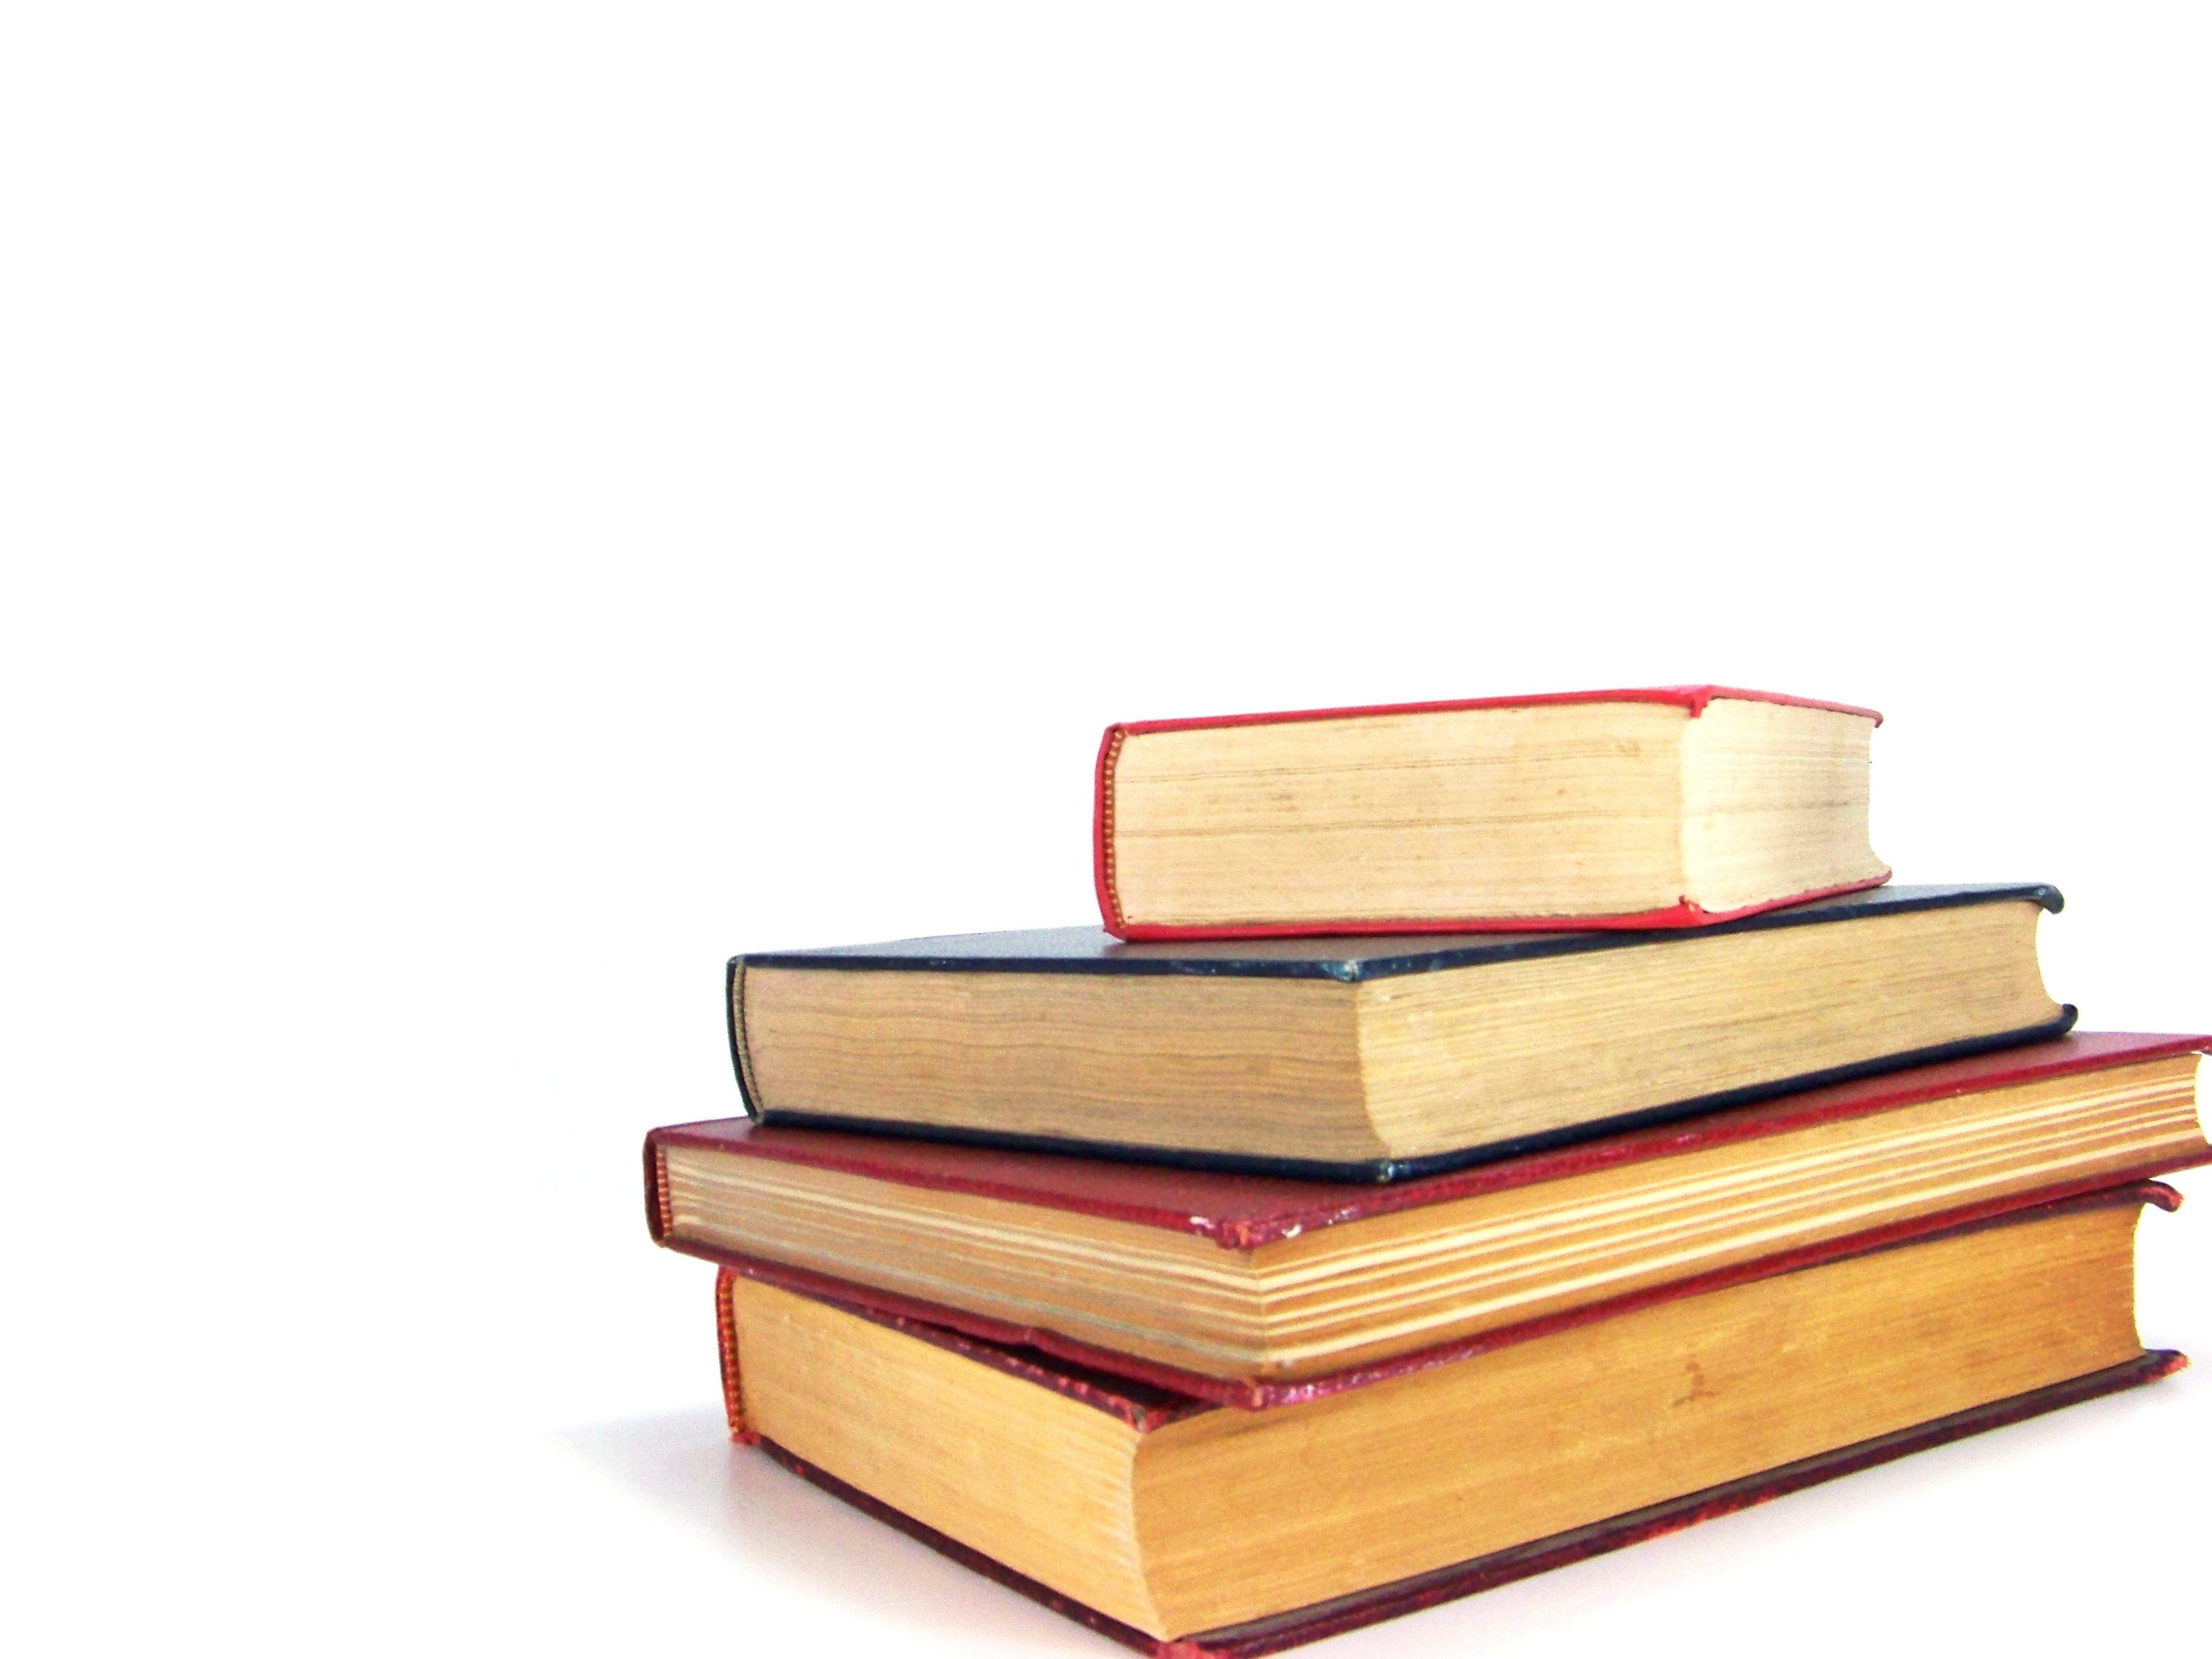 Libros comprados con un préstamo estudios